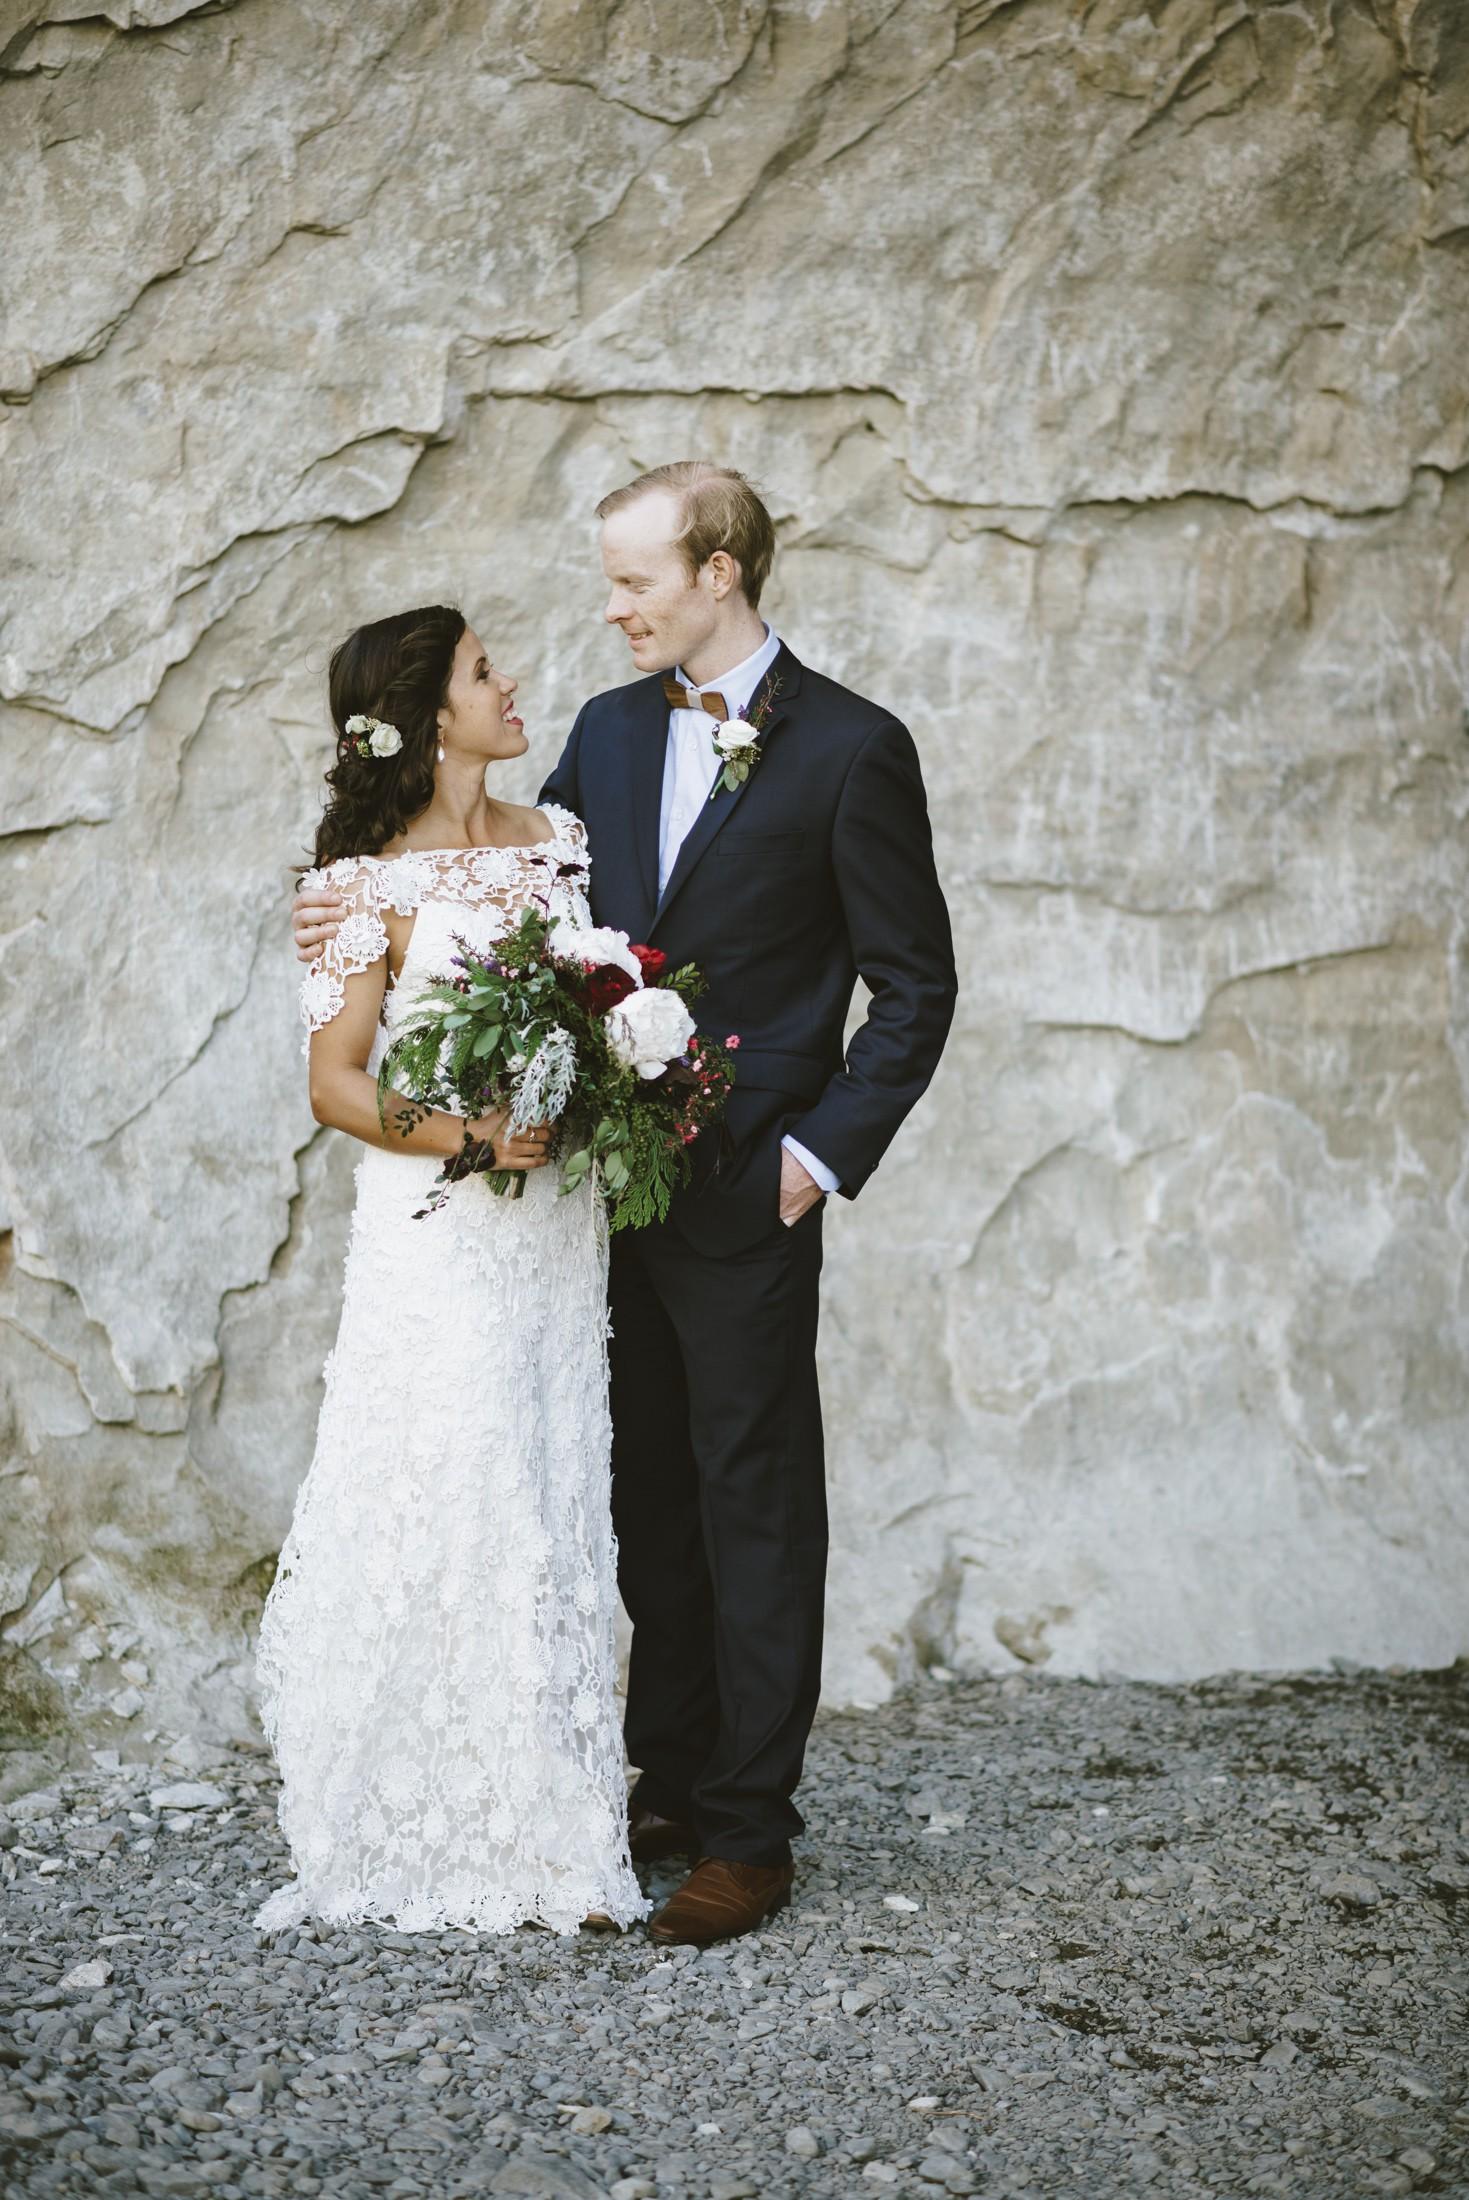 Sell Wedding Dress  Nz : Rue de seine hannah gown wedding dress on sale off